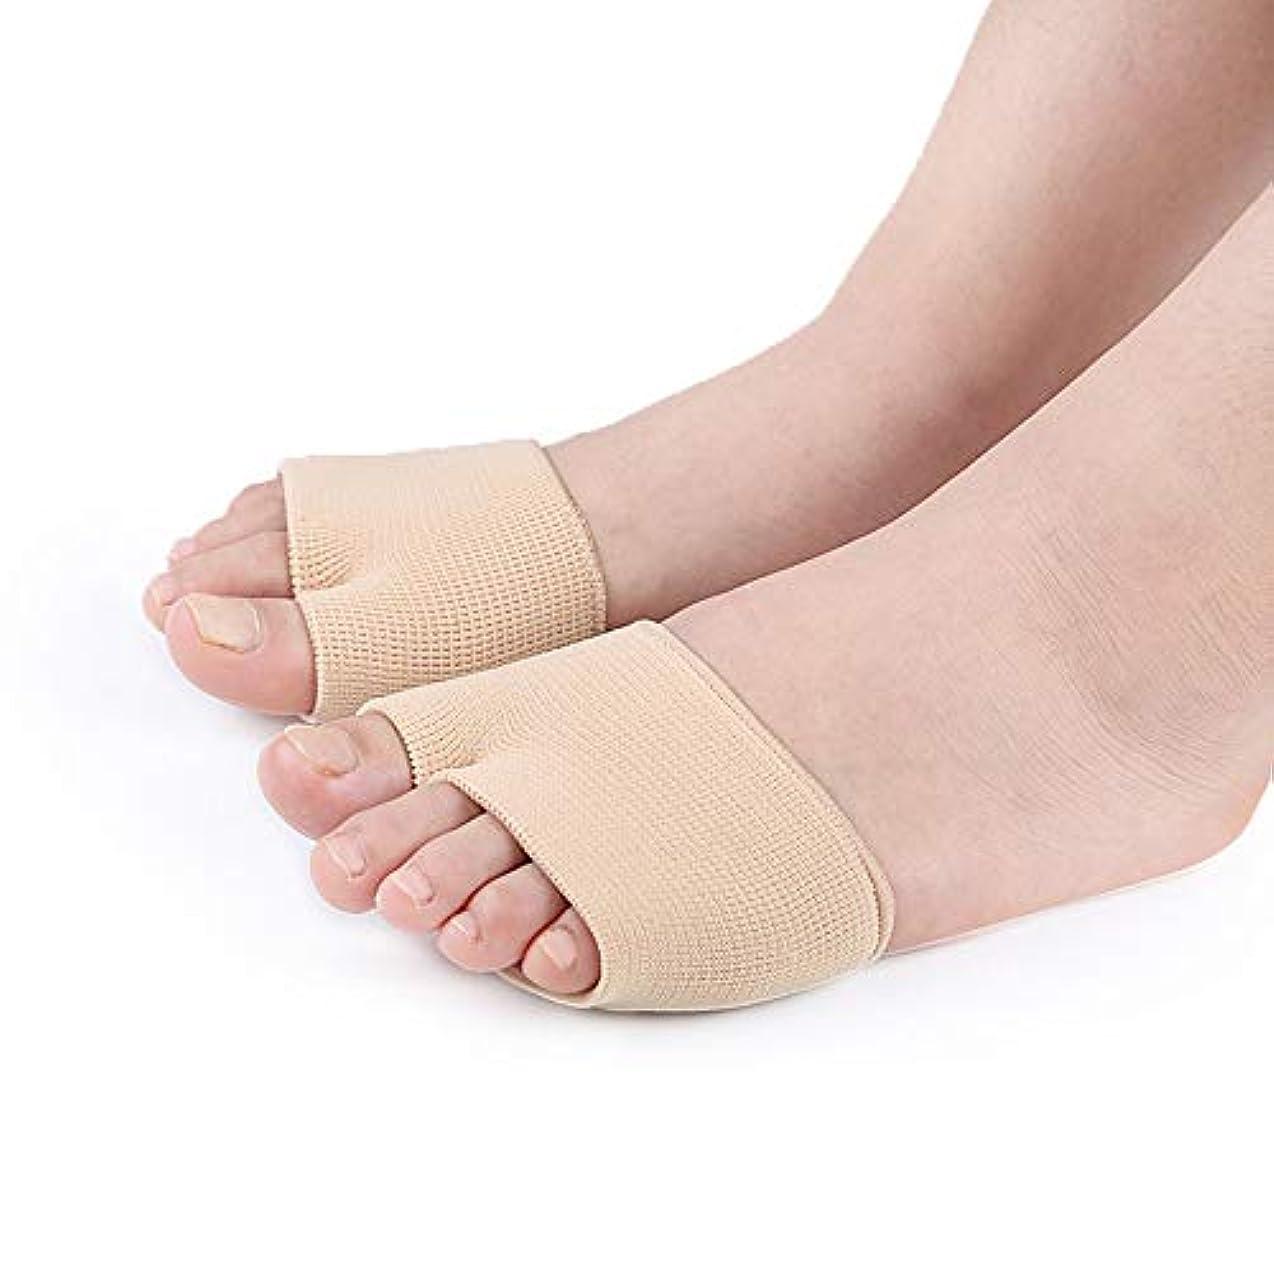 移動突撃うぬぼれたつま先矯正靴下ケアつま先防止重複伸縮性高減衰ダンピング吸収汗通気性ナイロン布SEBS,5pairs,S